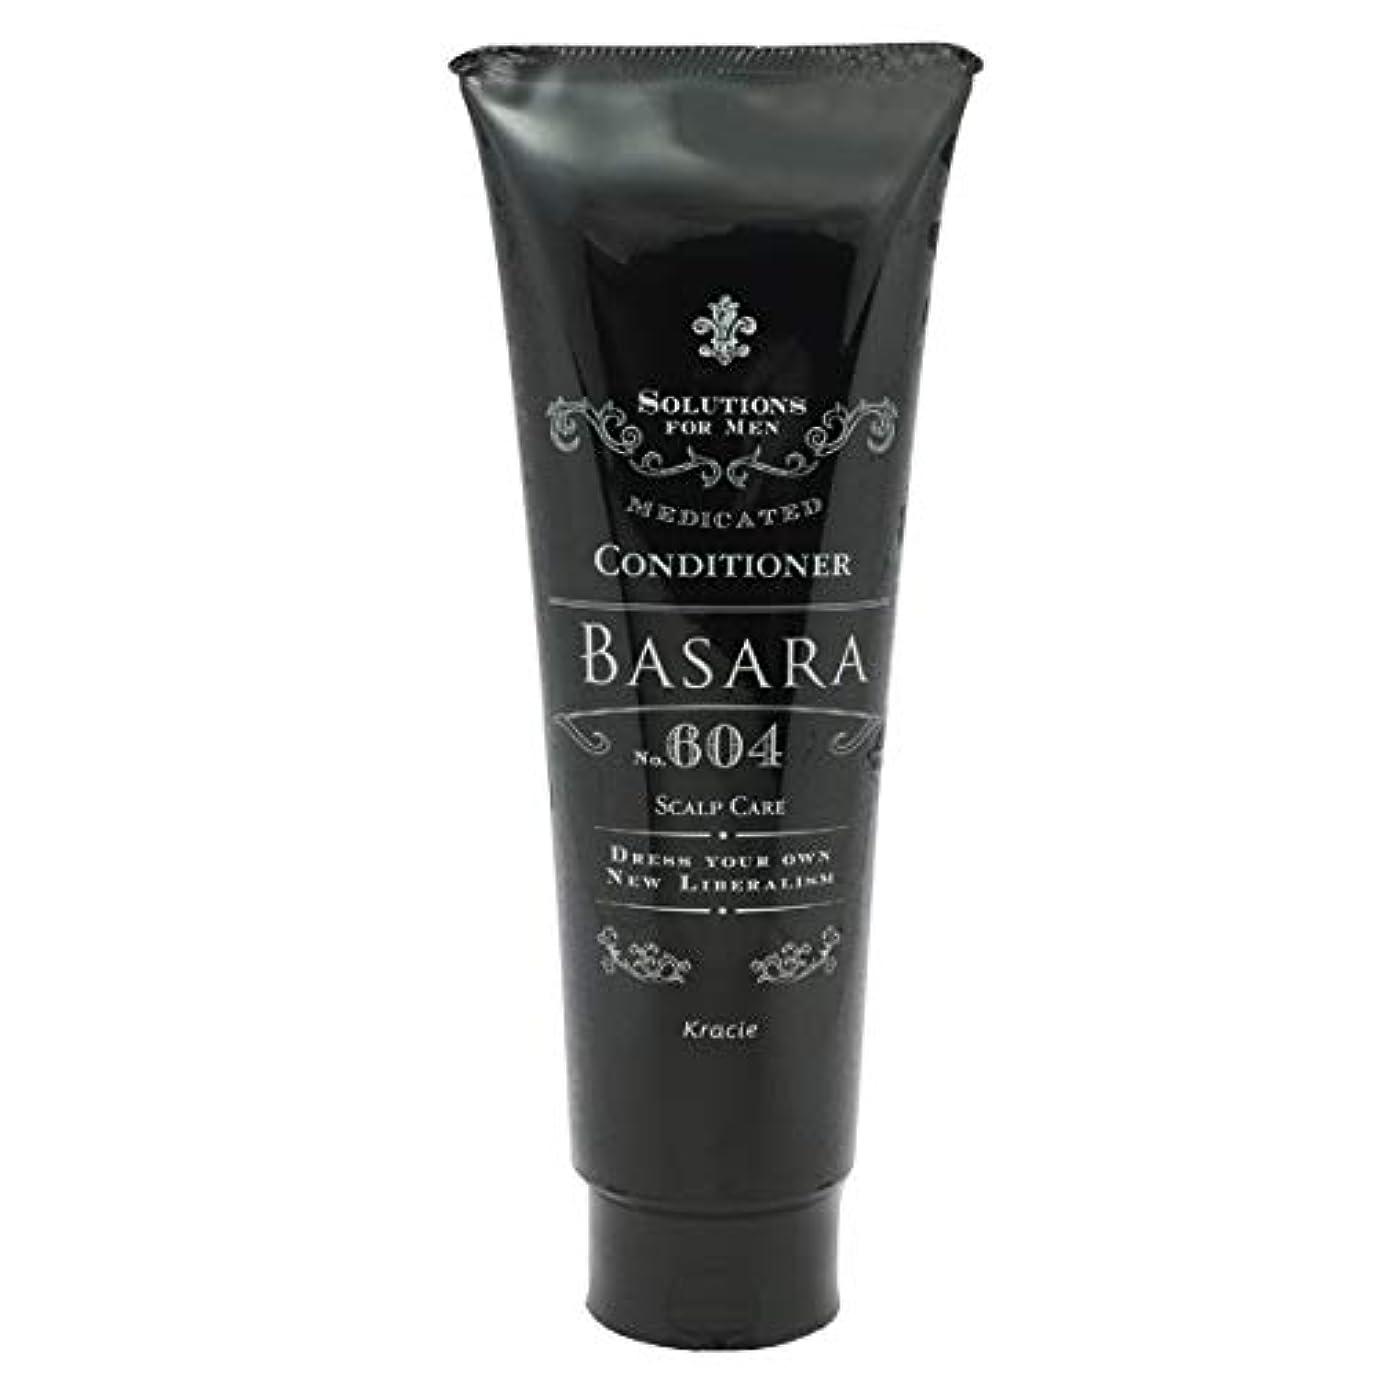 誠実さ求める才能のあるサロンモード(Salon Mode) クラシエ バサラ 薬用スカルプ コンディショナー 604 250g